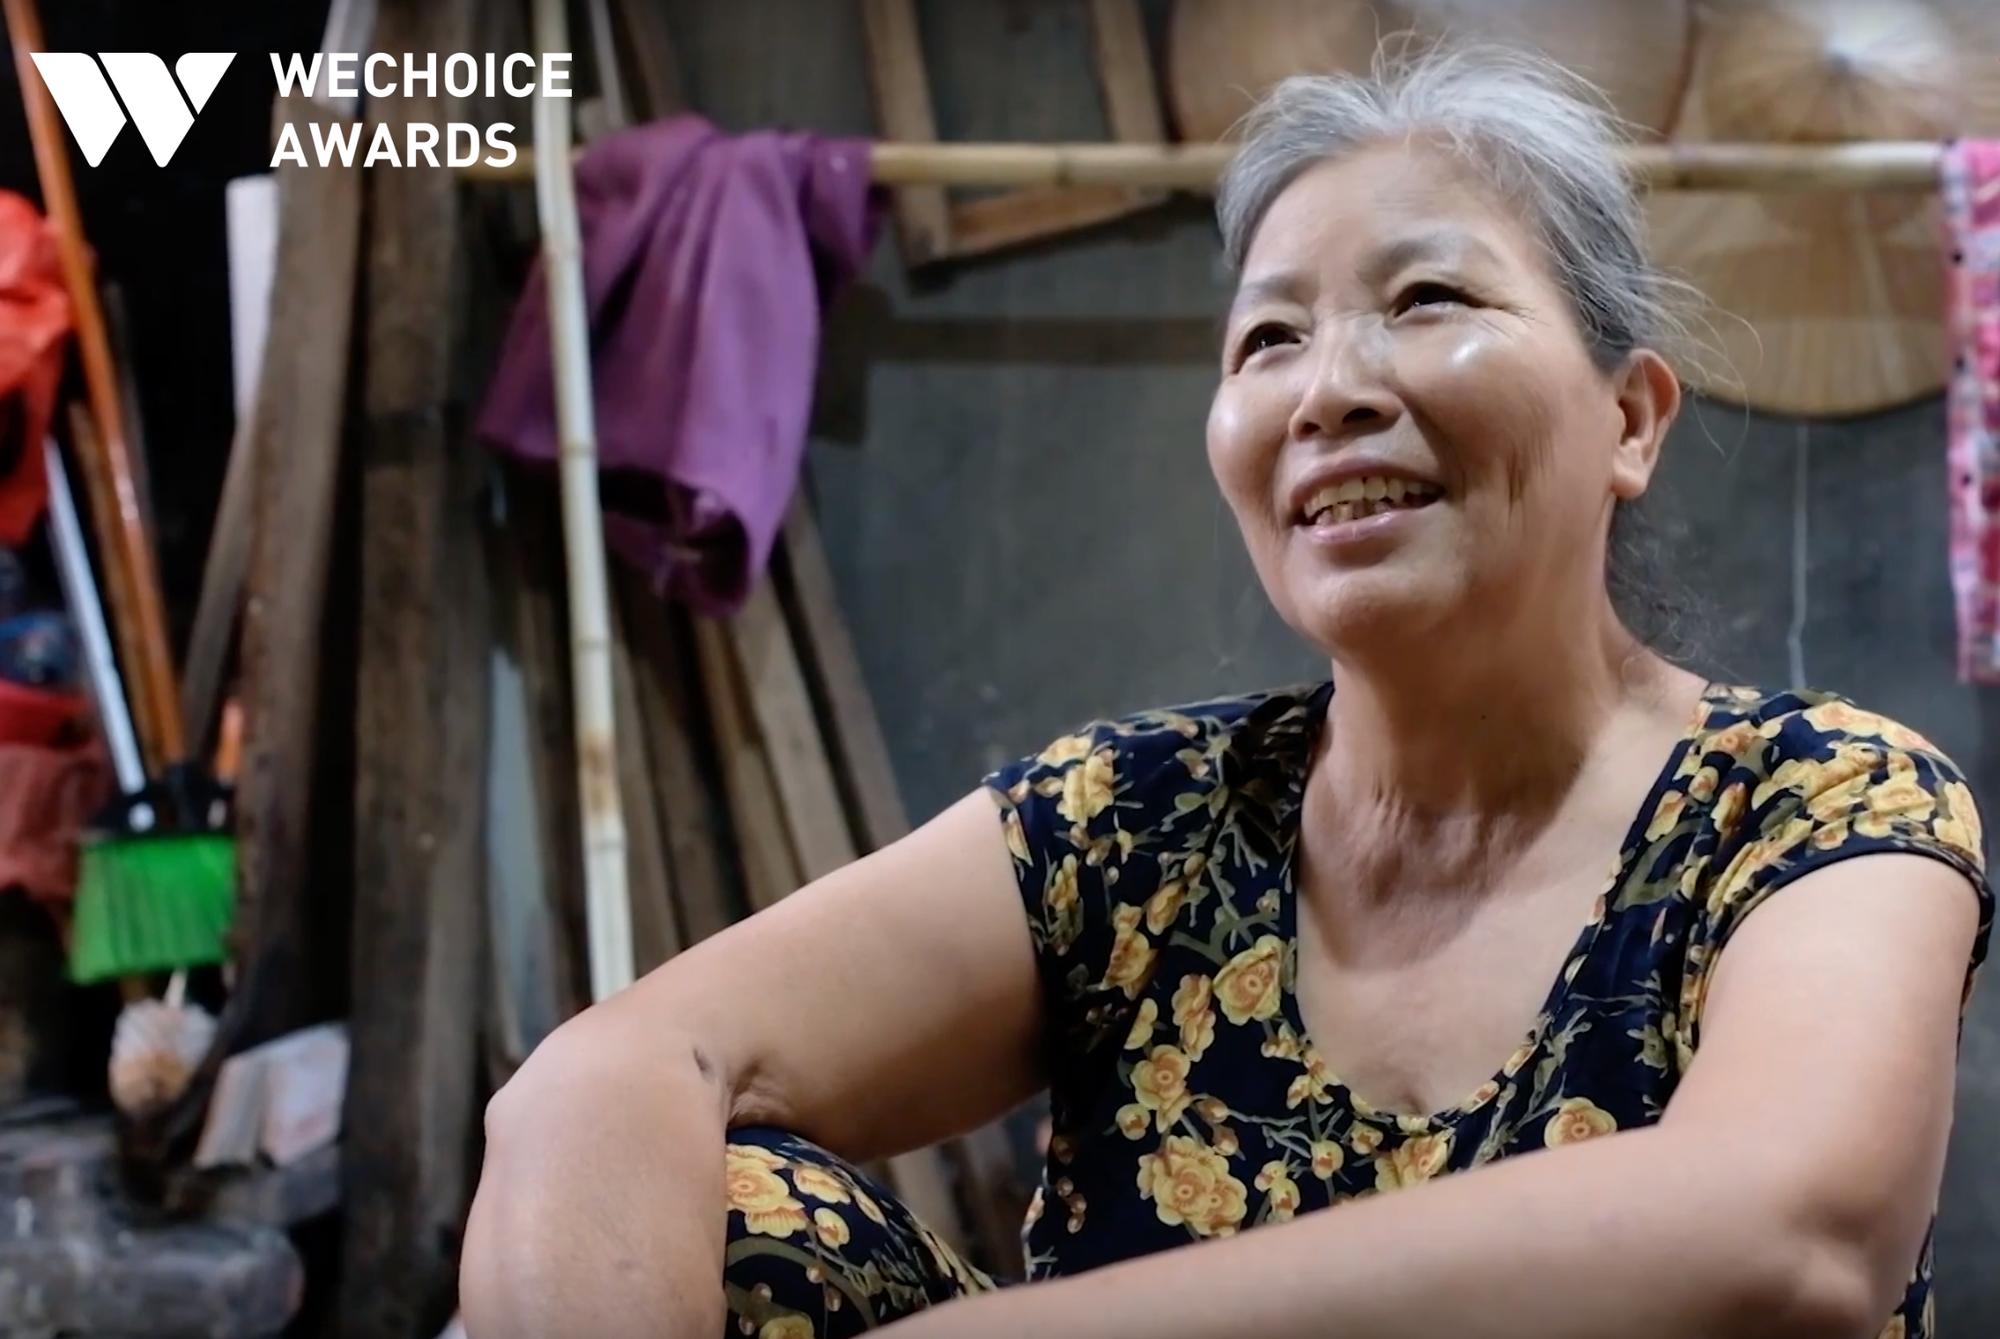 Chuyện tình yêu hơn thập kỷ chạy thận xa chồng của cụ bà ở viện Bạch Mai: Đúng số cô may, lấy chú xấu trai nên chú chiều - Ảnh 5.